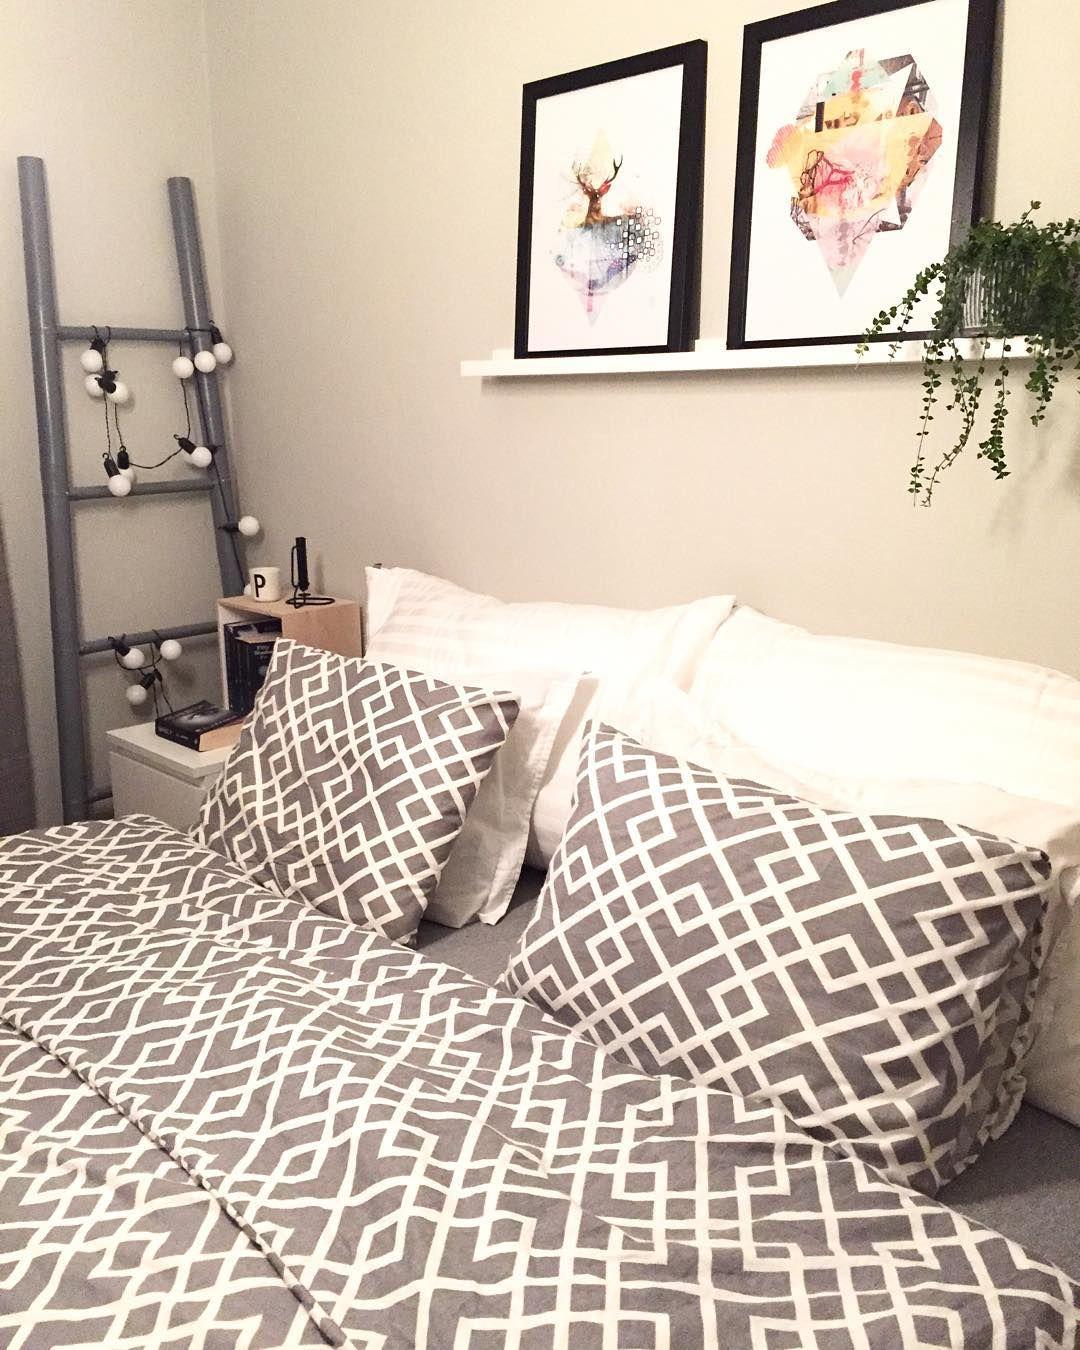 Snart natta Dette rommet skal snart males er det noen som har forslag til farge?  #kremmerhuset #kidinteriør #haylup #designletters #fiftyshadesofgrey #mrgrey #bloomingville #bjerkaninterior #annirenogelin #mittnordiskehjem #nordiskehjem #ssevjen #annasrom #myhome #mystyle #unike_hjem #boligplussminstil #asafotoninspo #interior_november ##interiørmagasinet @interior_magasinet #homeinspo #interiorwarrior #rom123 #rom123egmont #interiorbyraaet_inspo #interiør #interior #interior4all…